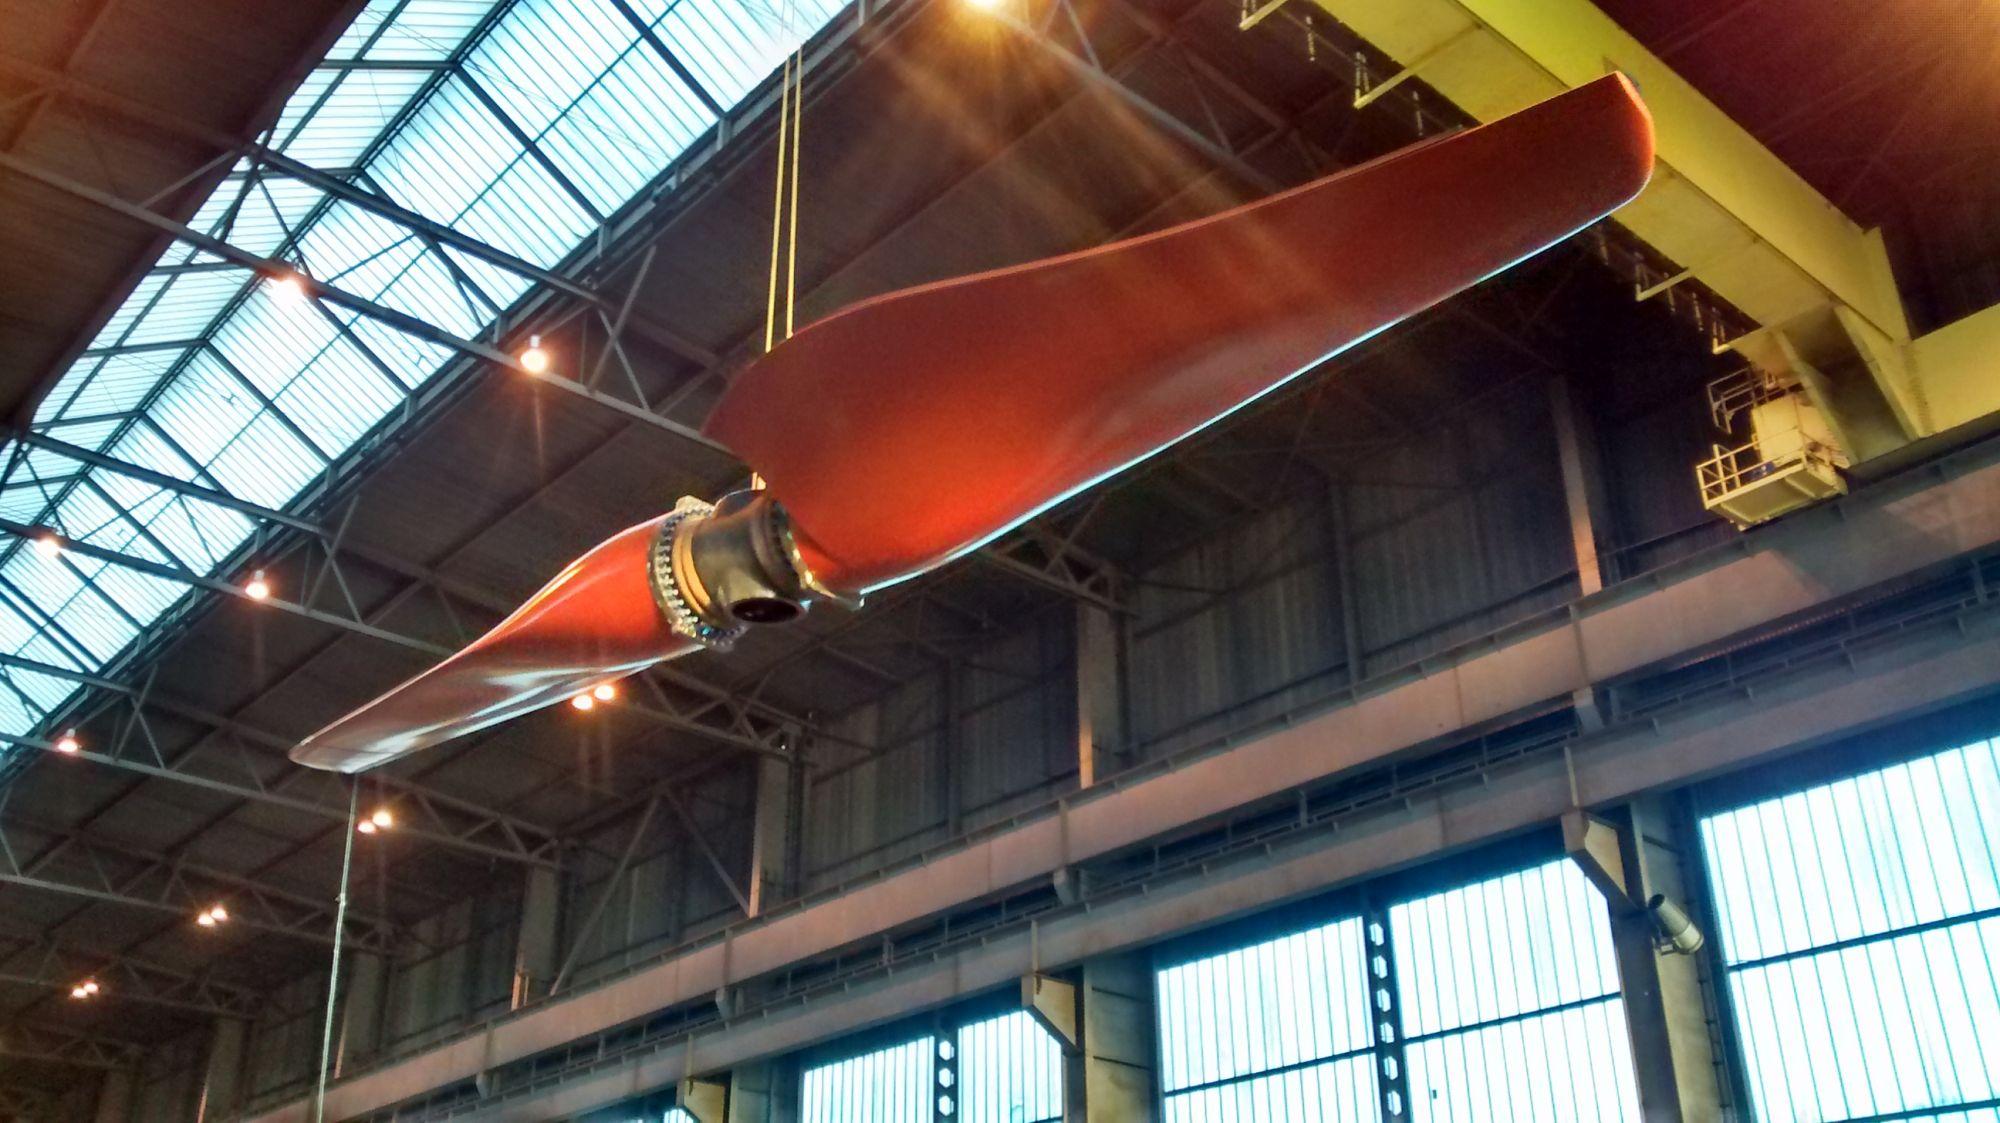 SR 2000 tidal turbine blades